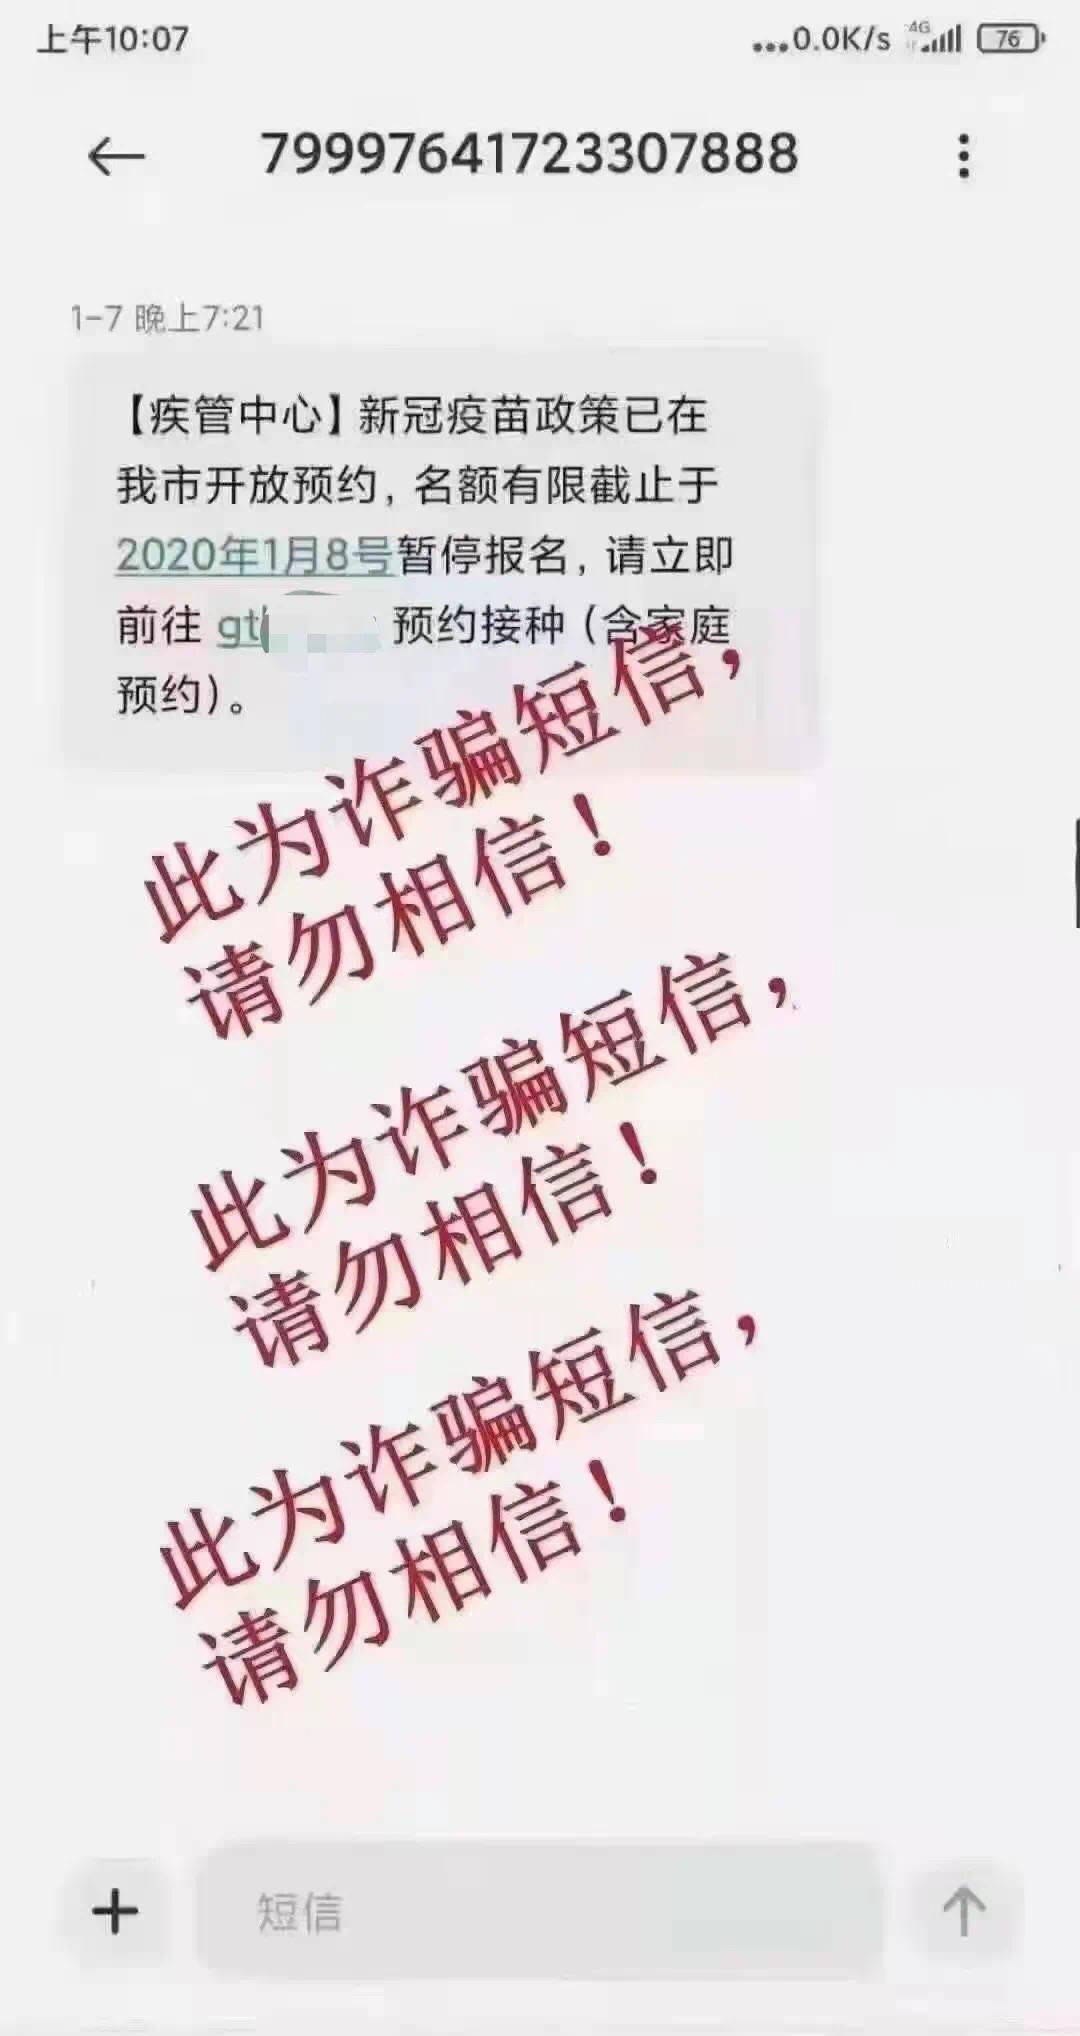 网传1月15日后入苏要隔离?江苏疾控辟谣:假消息